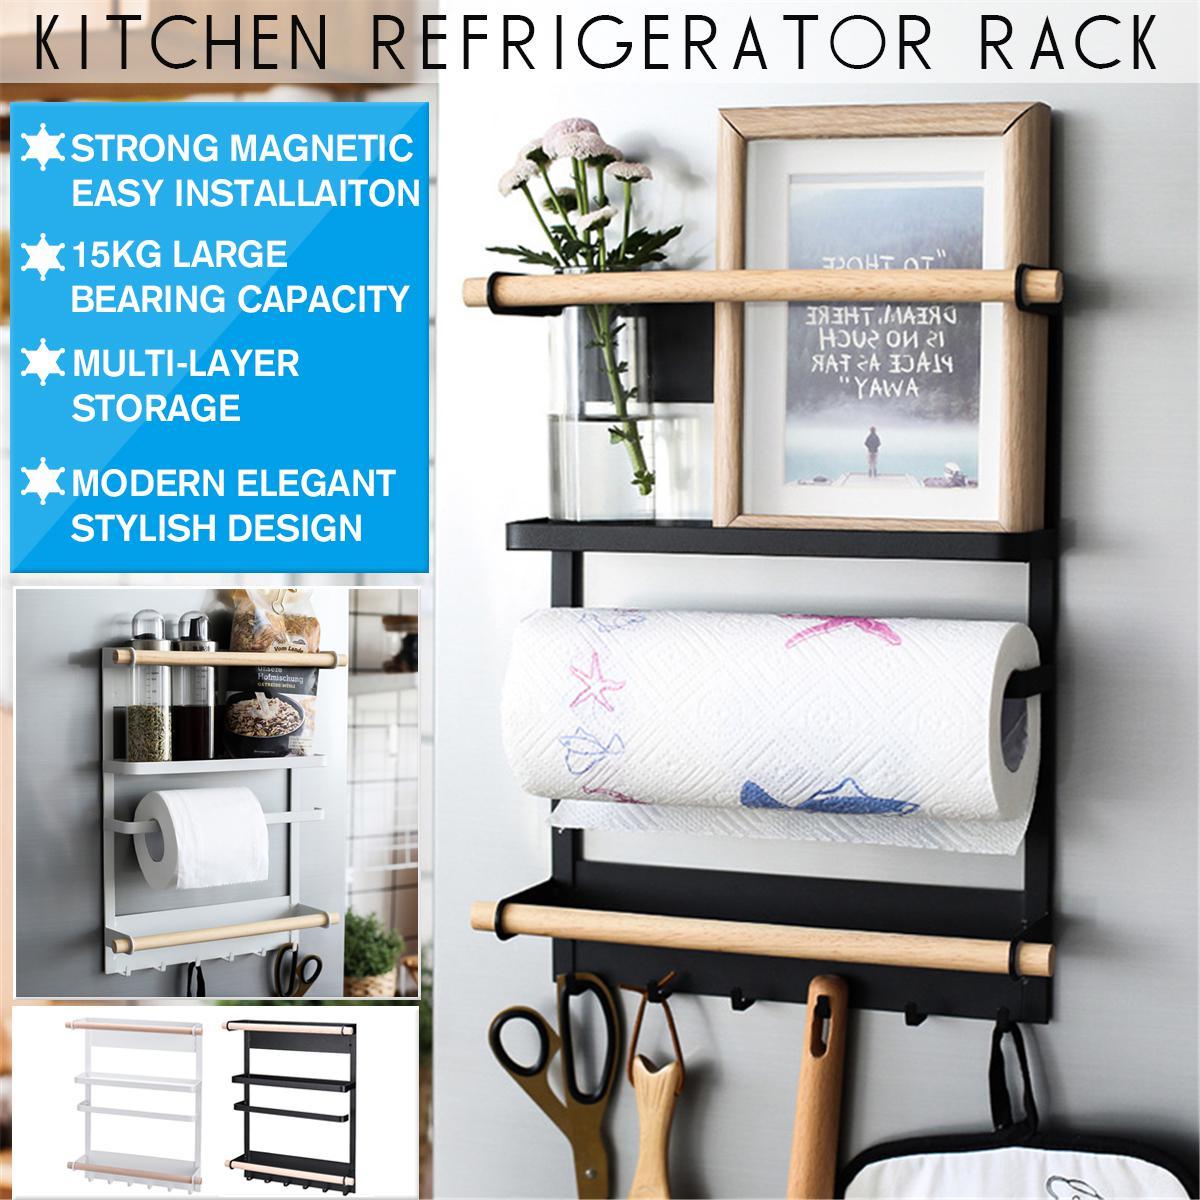 kitchen organiser rack fridge magnetic paper towel holder with hooks multifunction white racks holders